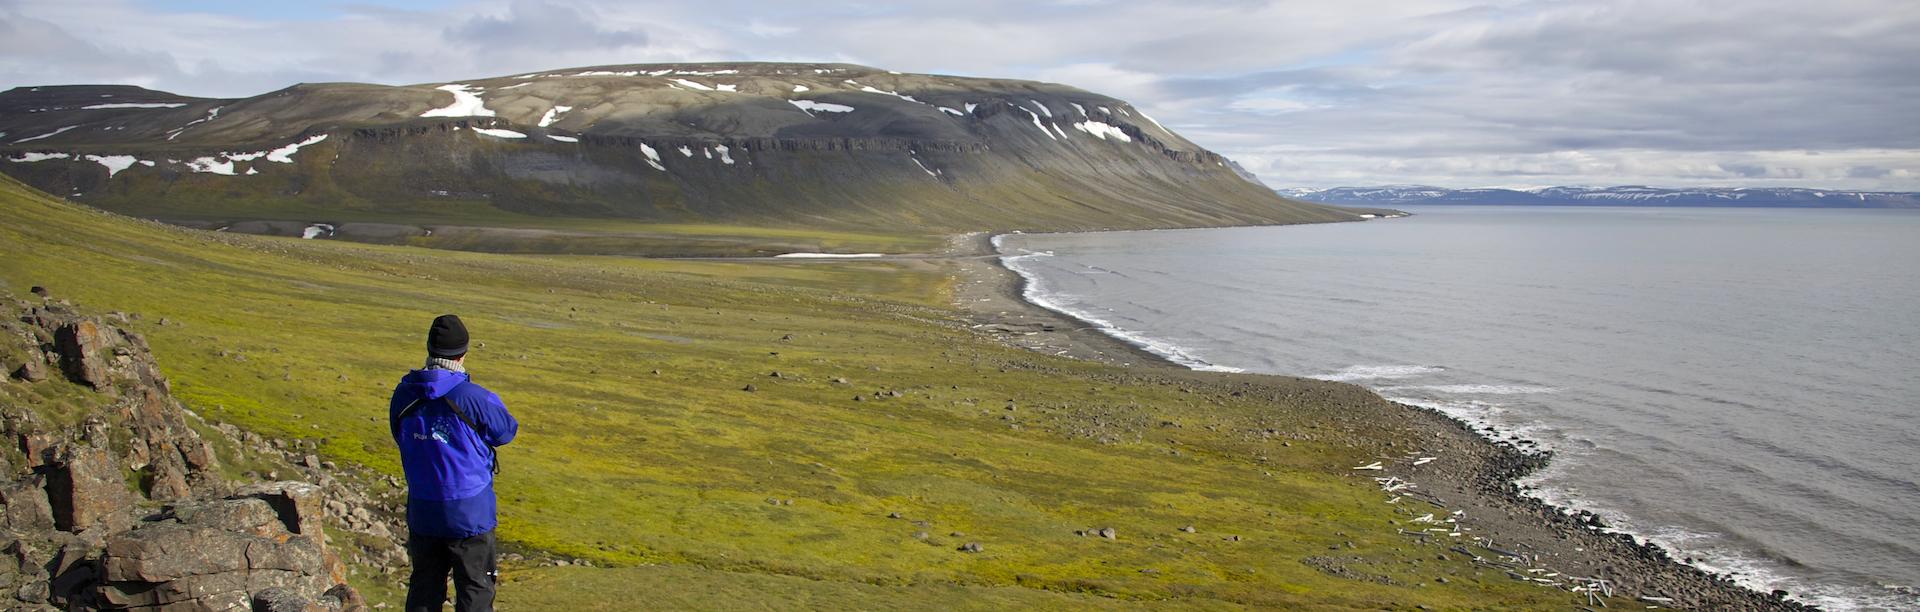 erik blom jensen naturfotograf arktiske billeder